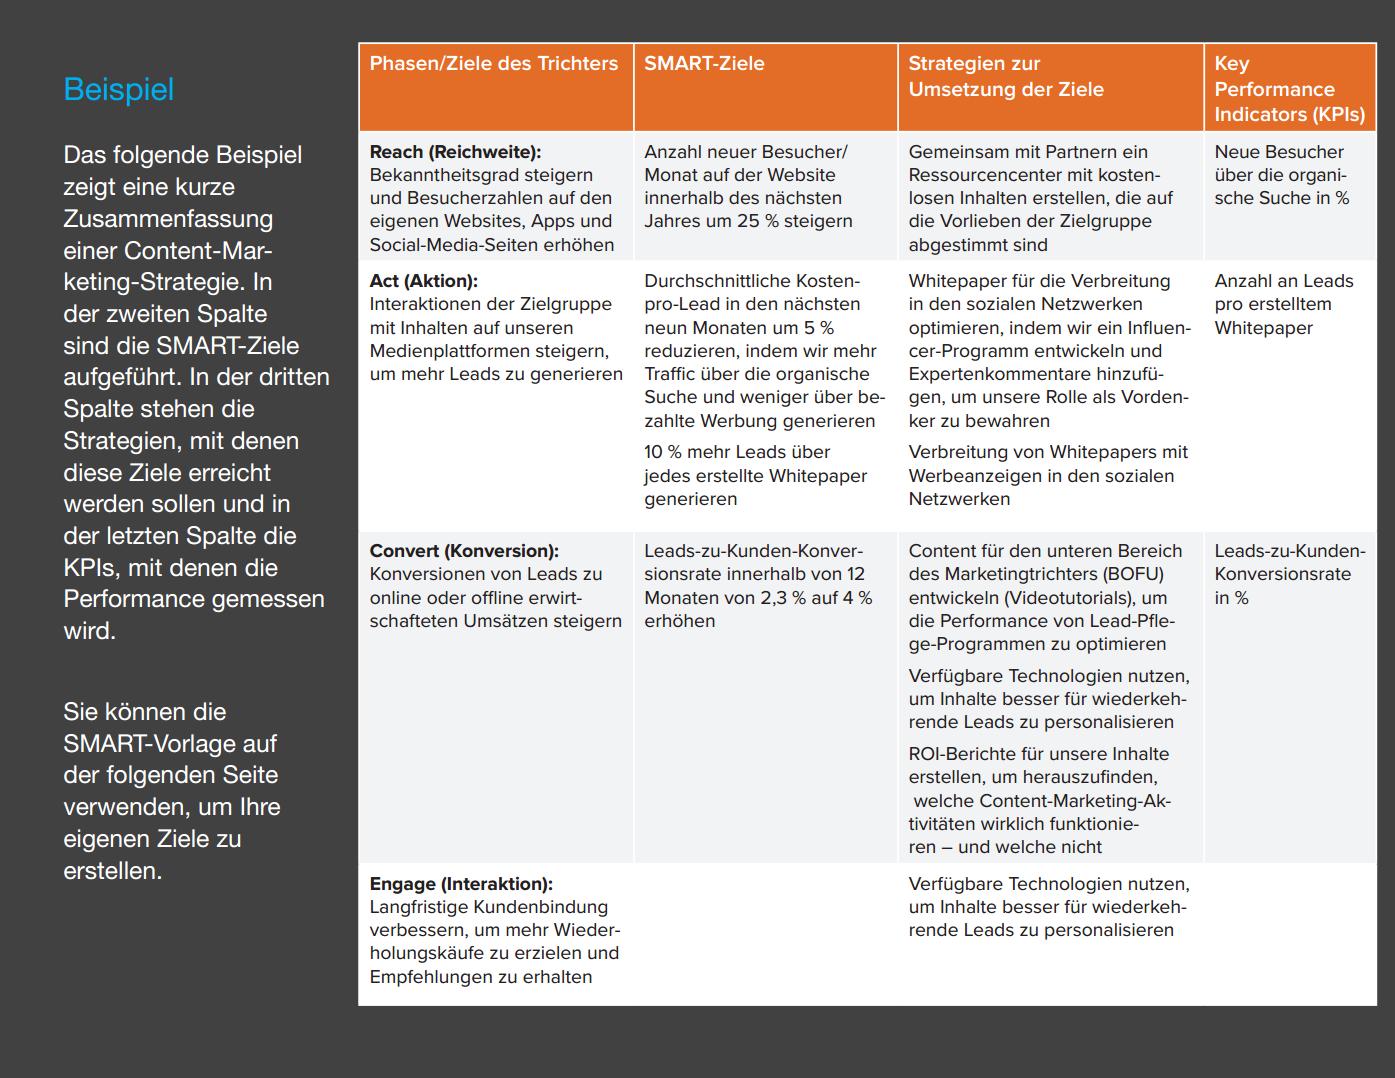 Vorlagen zur Content-Planung | HubSpot & Smart Insights